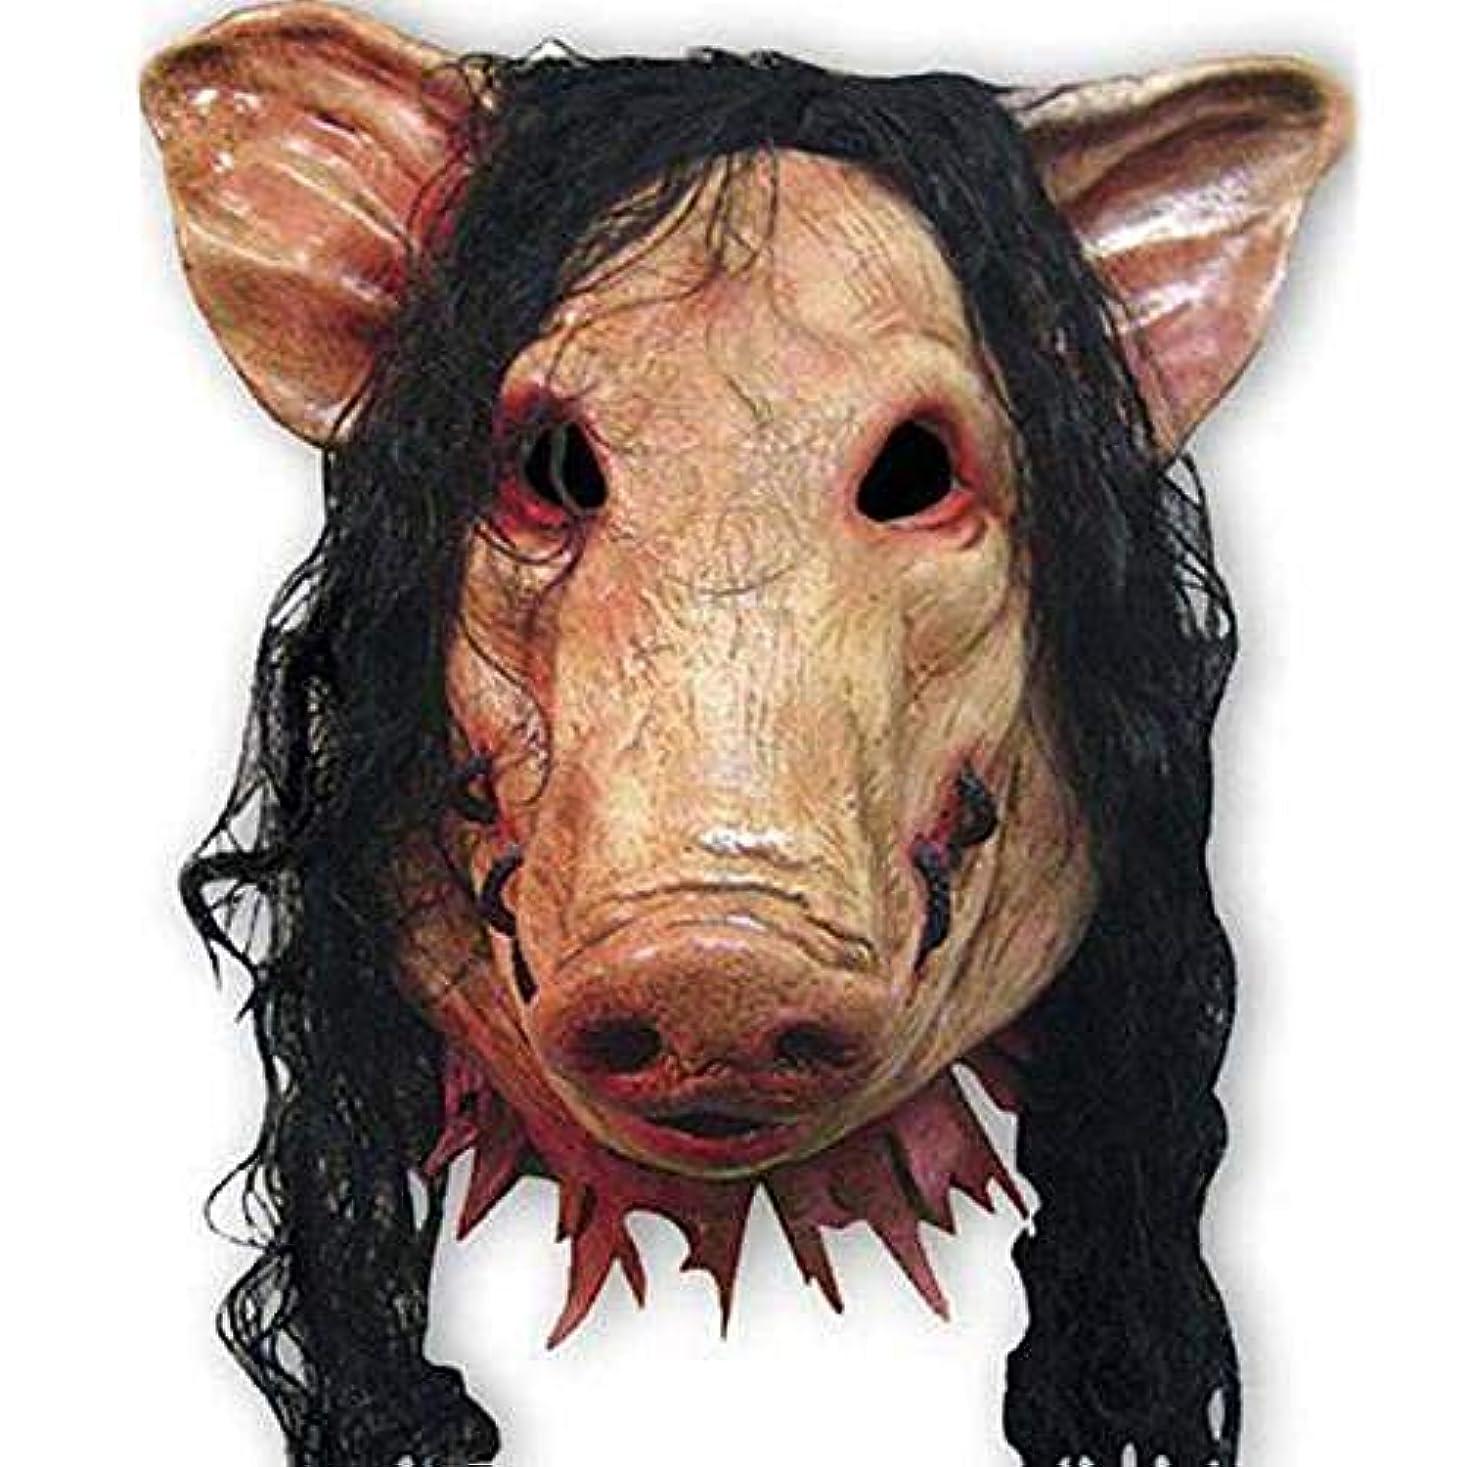 賭けエンジンベンチャーラテックス豚マスク-ハロウィンコスチュームボールコスチュームコスプレ、ユニセックス怖いマスク豚